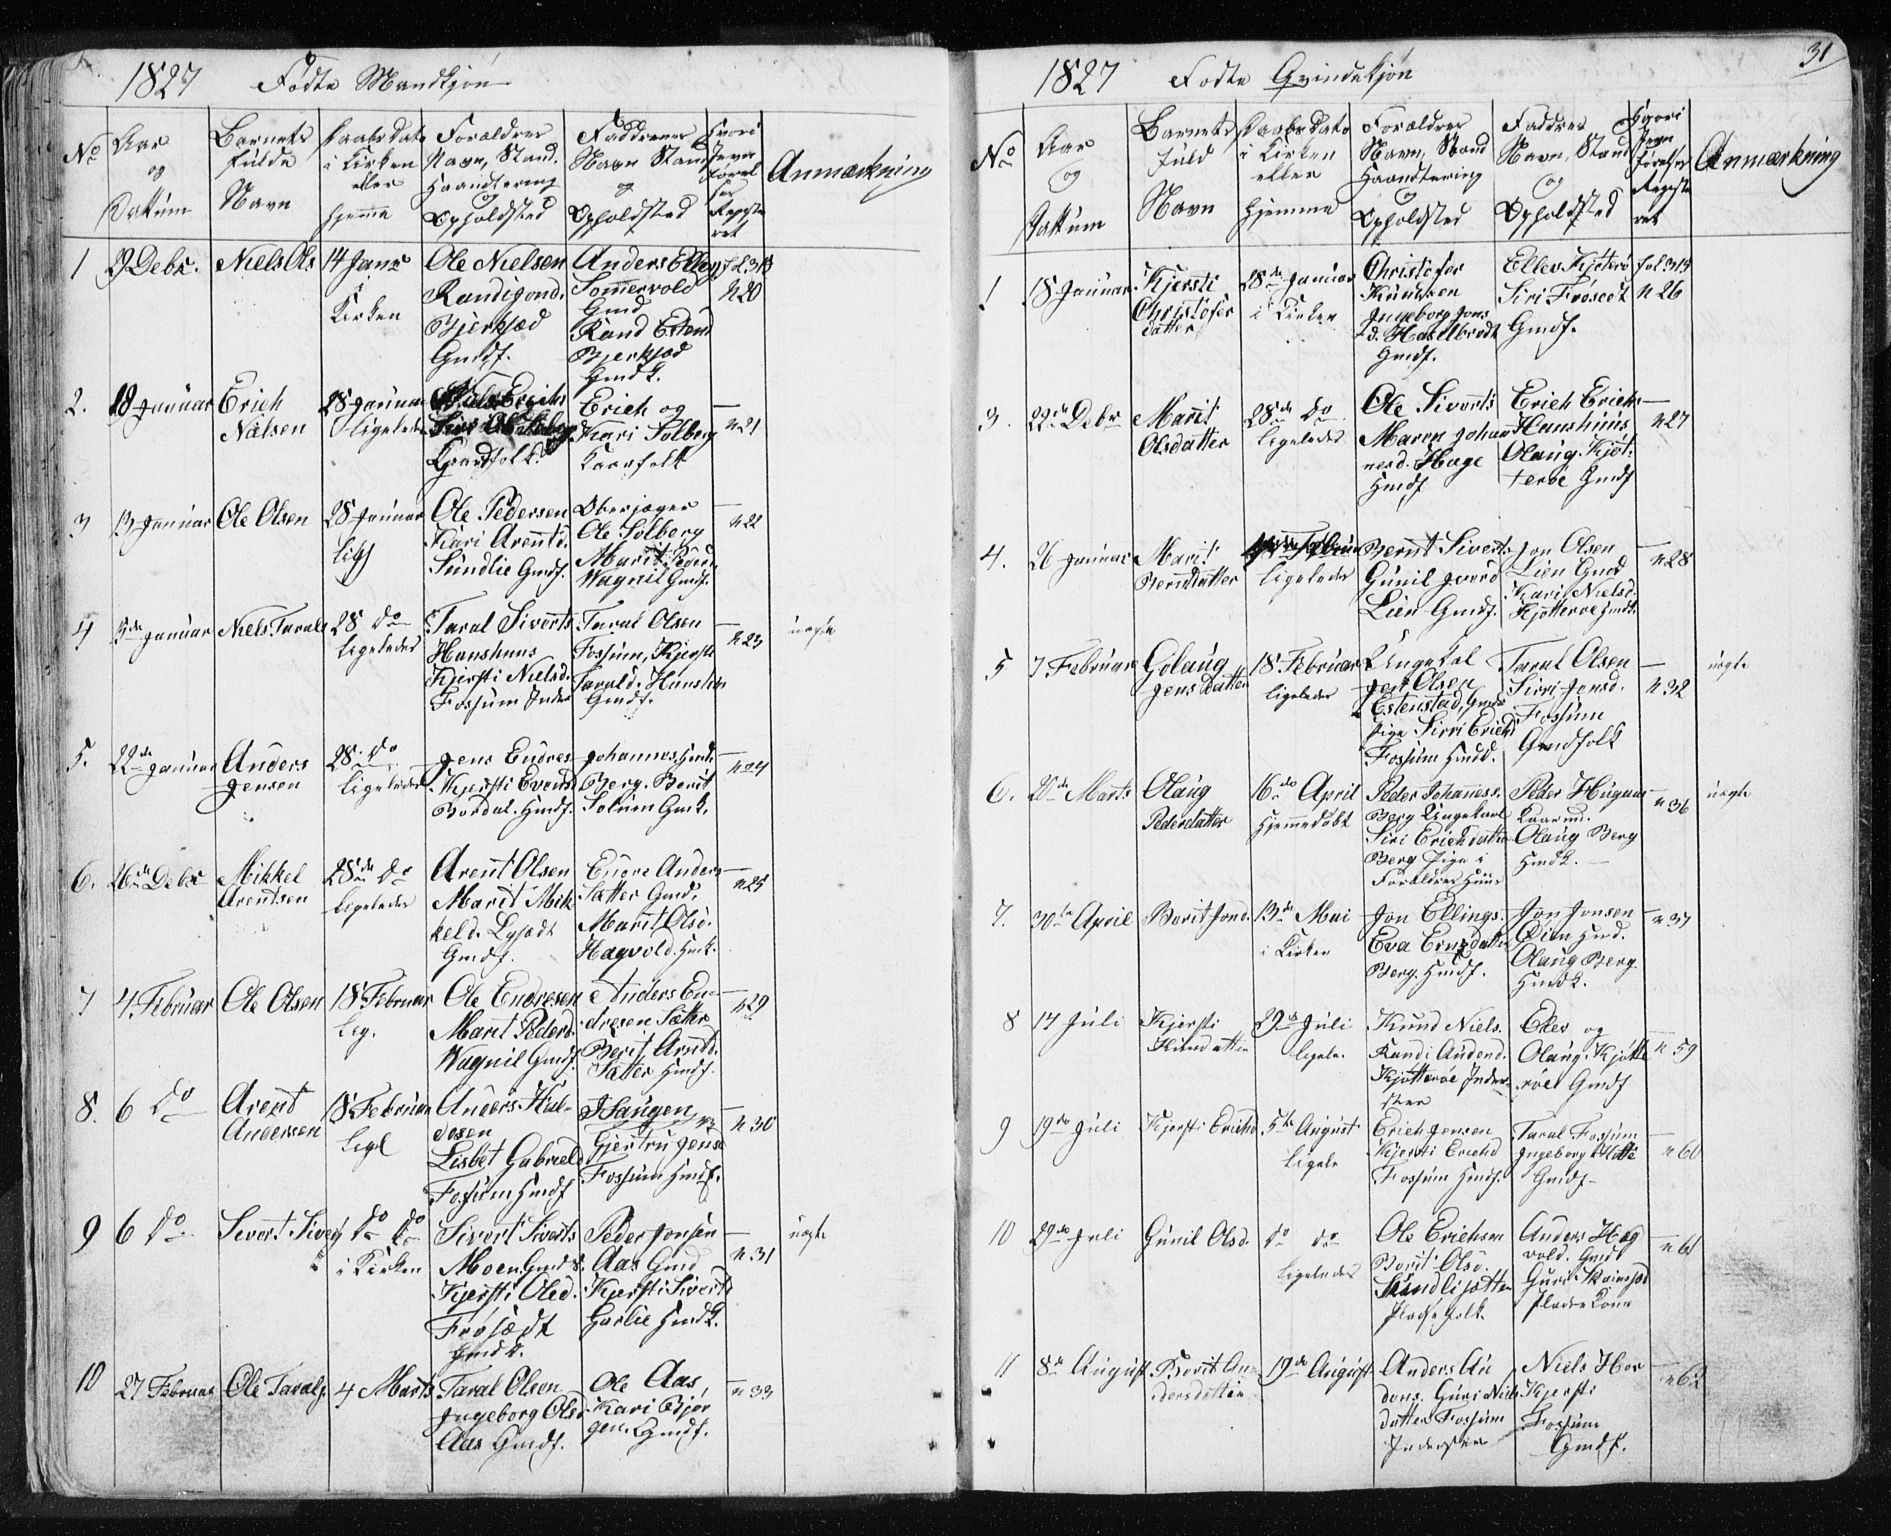 SAT, Ministerialprotokoller, klokkerbøker og fødselsregistre - Sør-Trøndelag, 689/L1043: Klokkerbok nr. 689C02, 1816-1892, s. 31